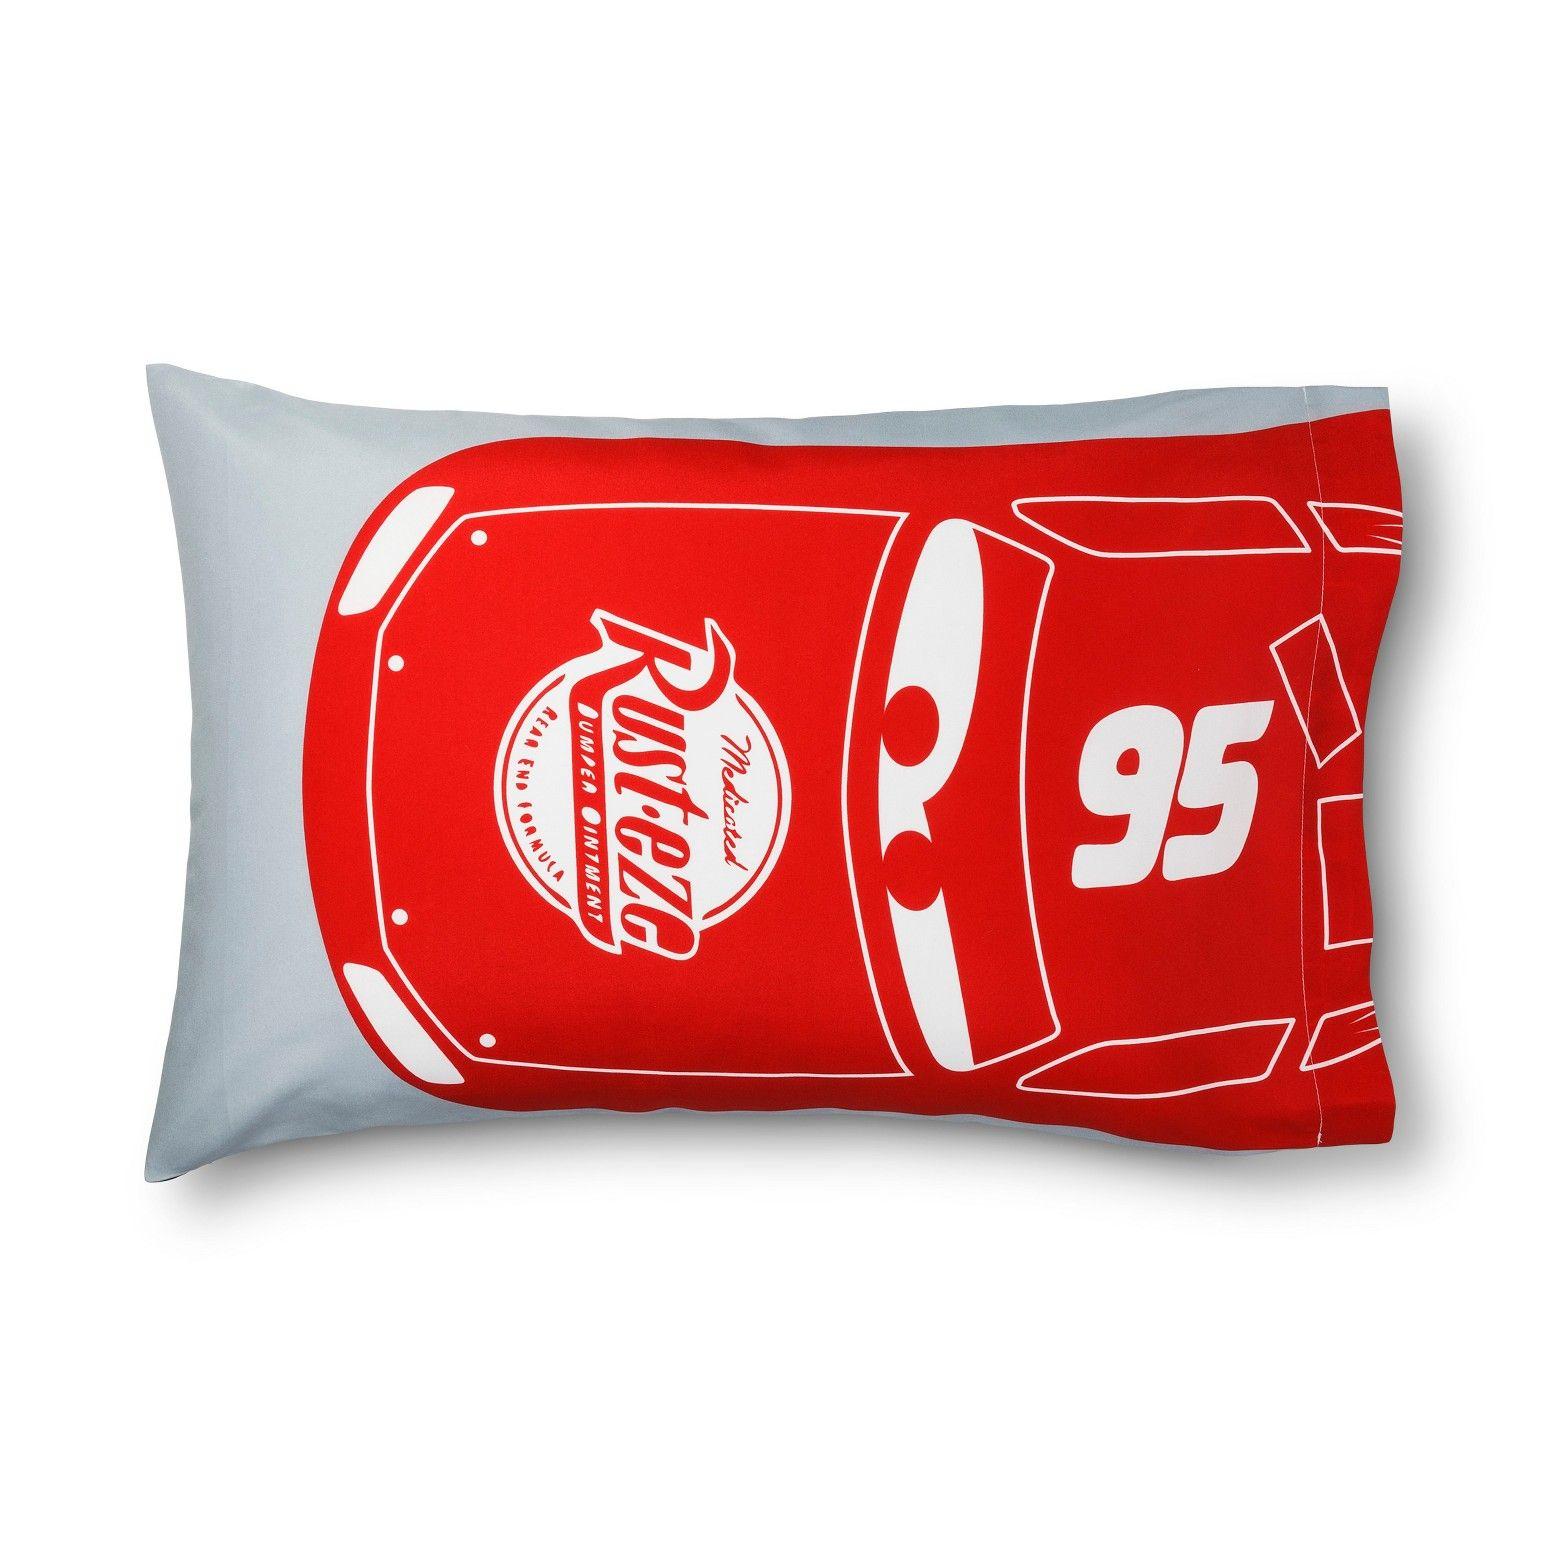 Disney Cars Lightning McQueen Pillowcase (Standard)